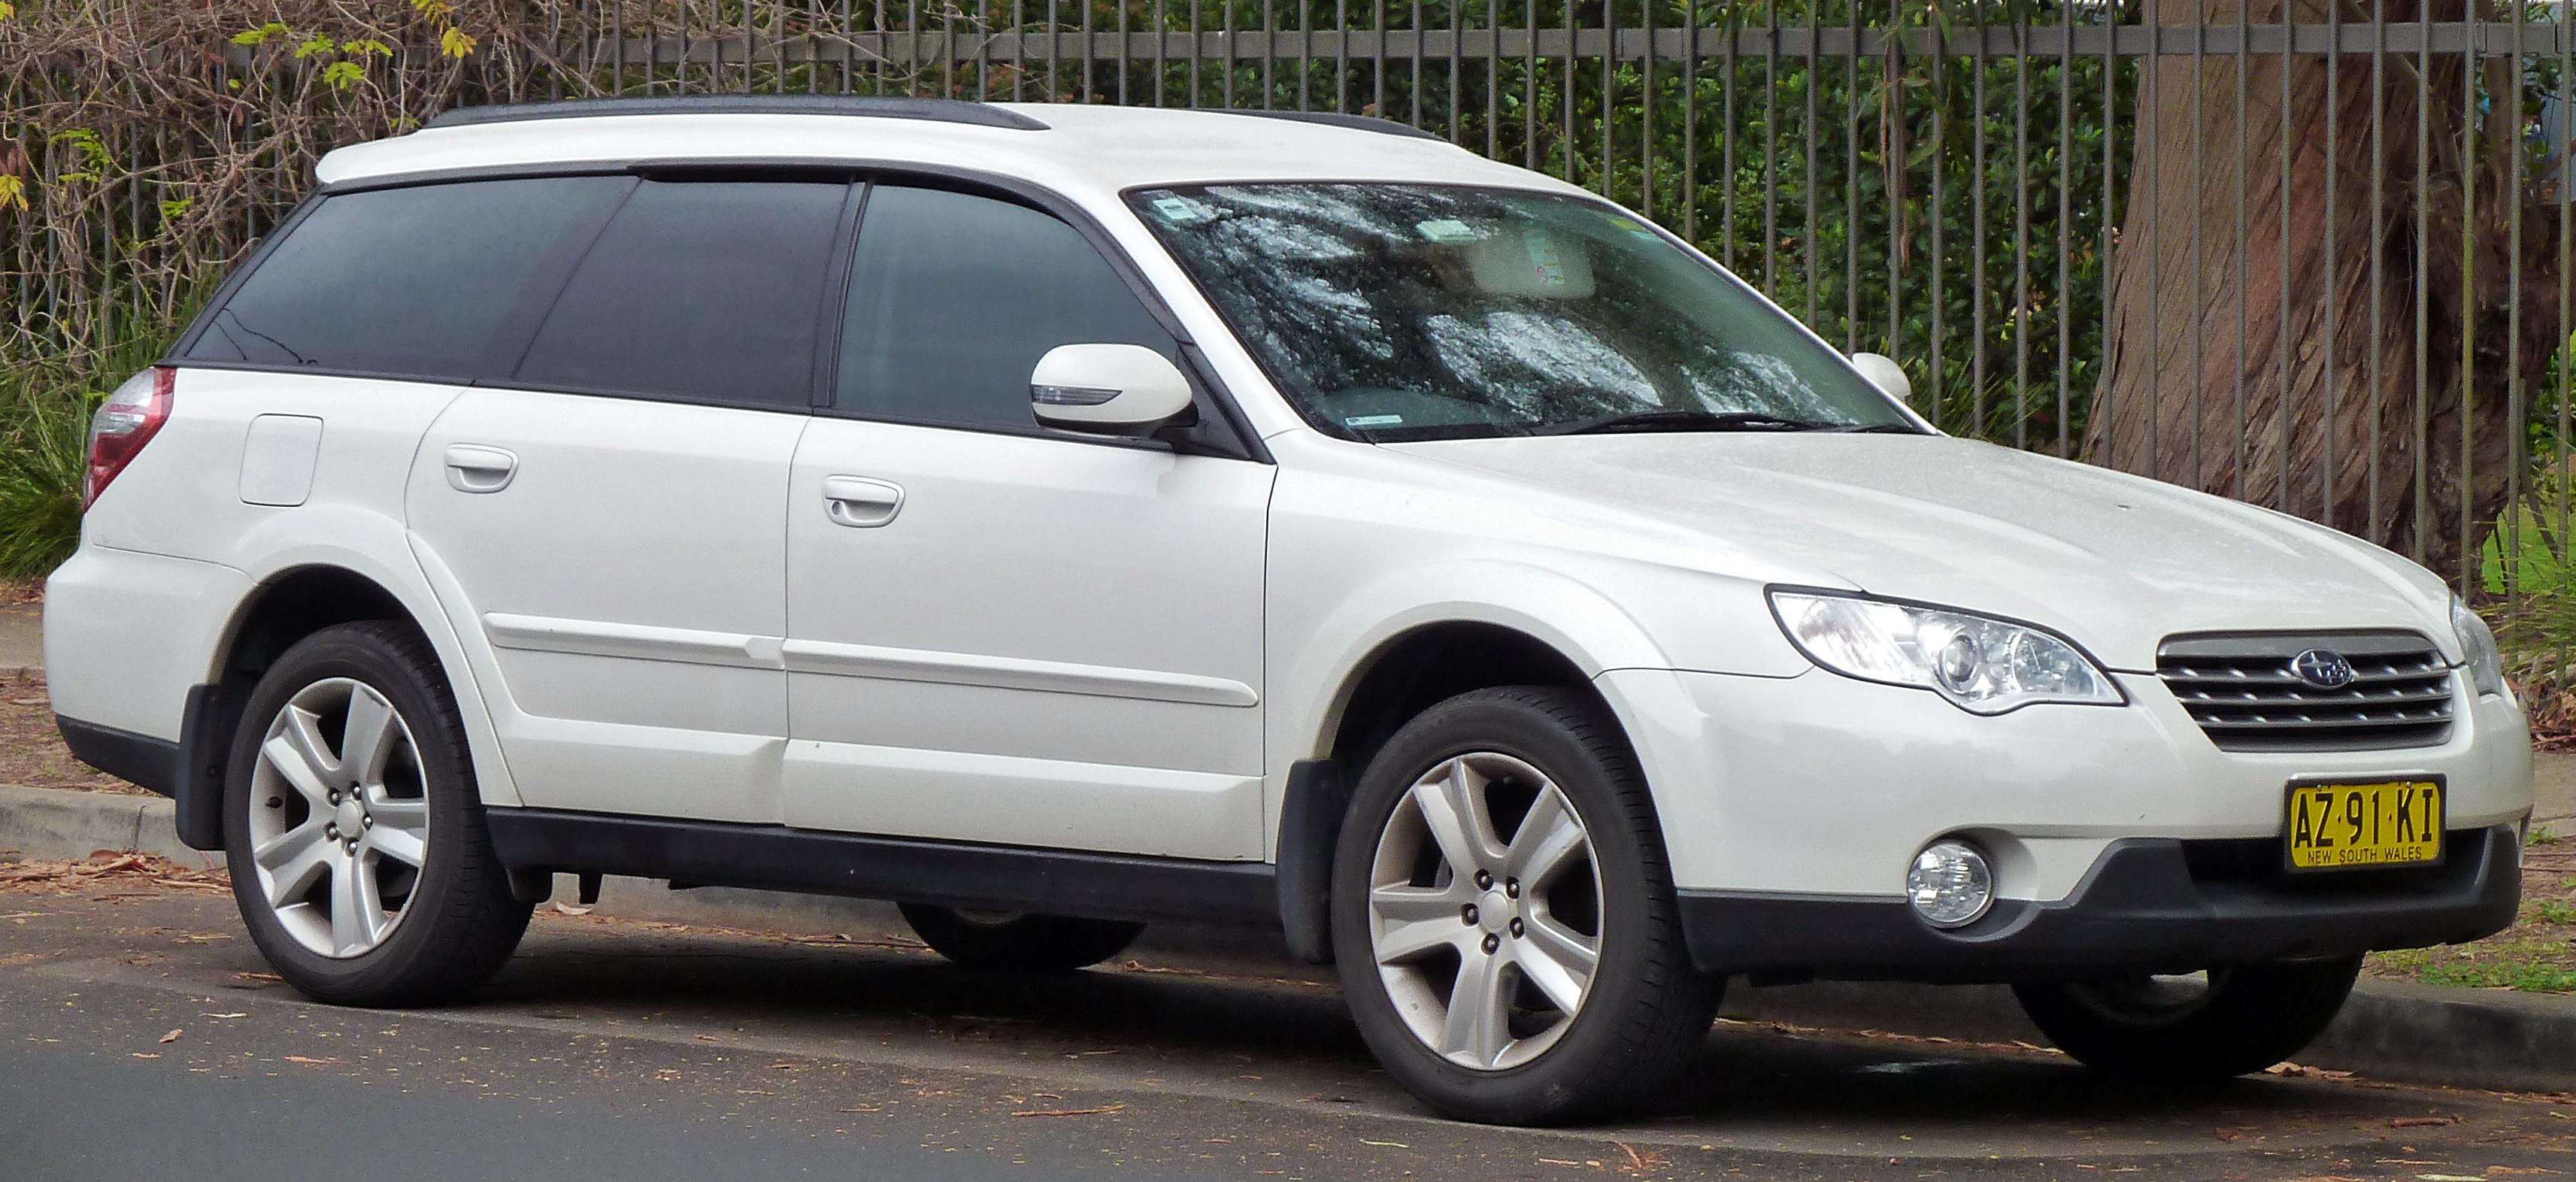 File 2006 2009 Subaru Outback 2 5i Station Wagon 2010 07